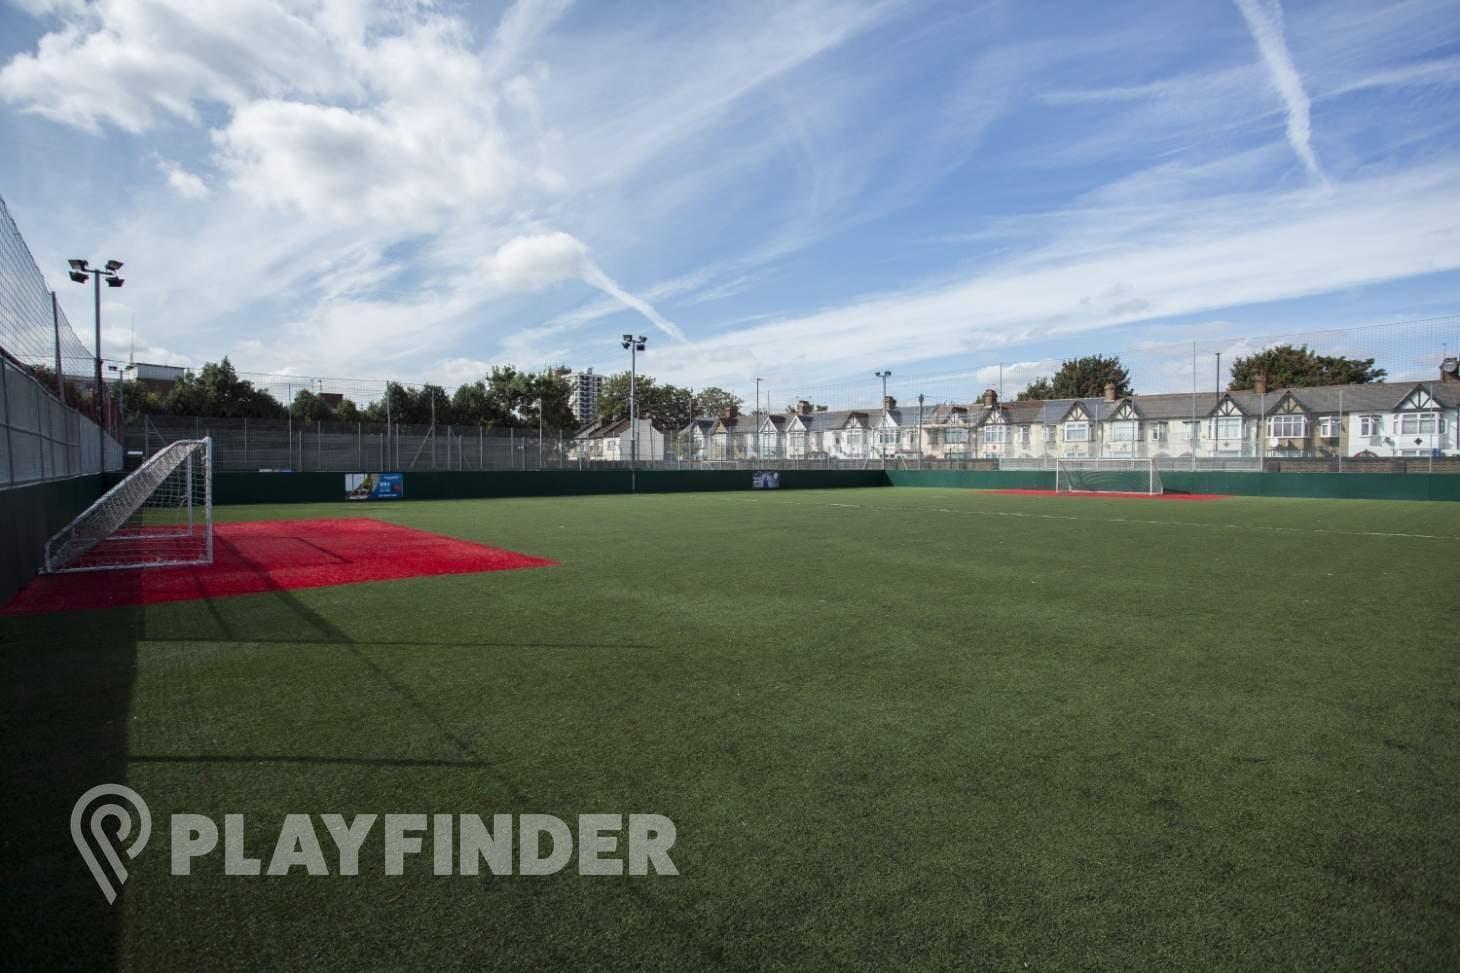 Powerleague Tottenham 7 a side   3G Astroturf football pitch